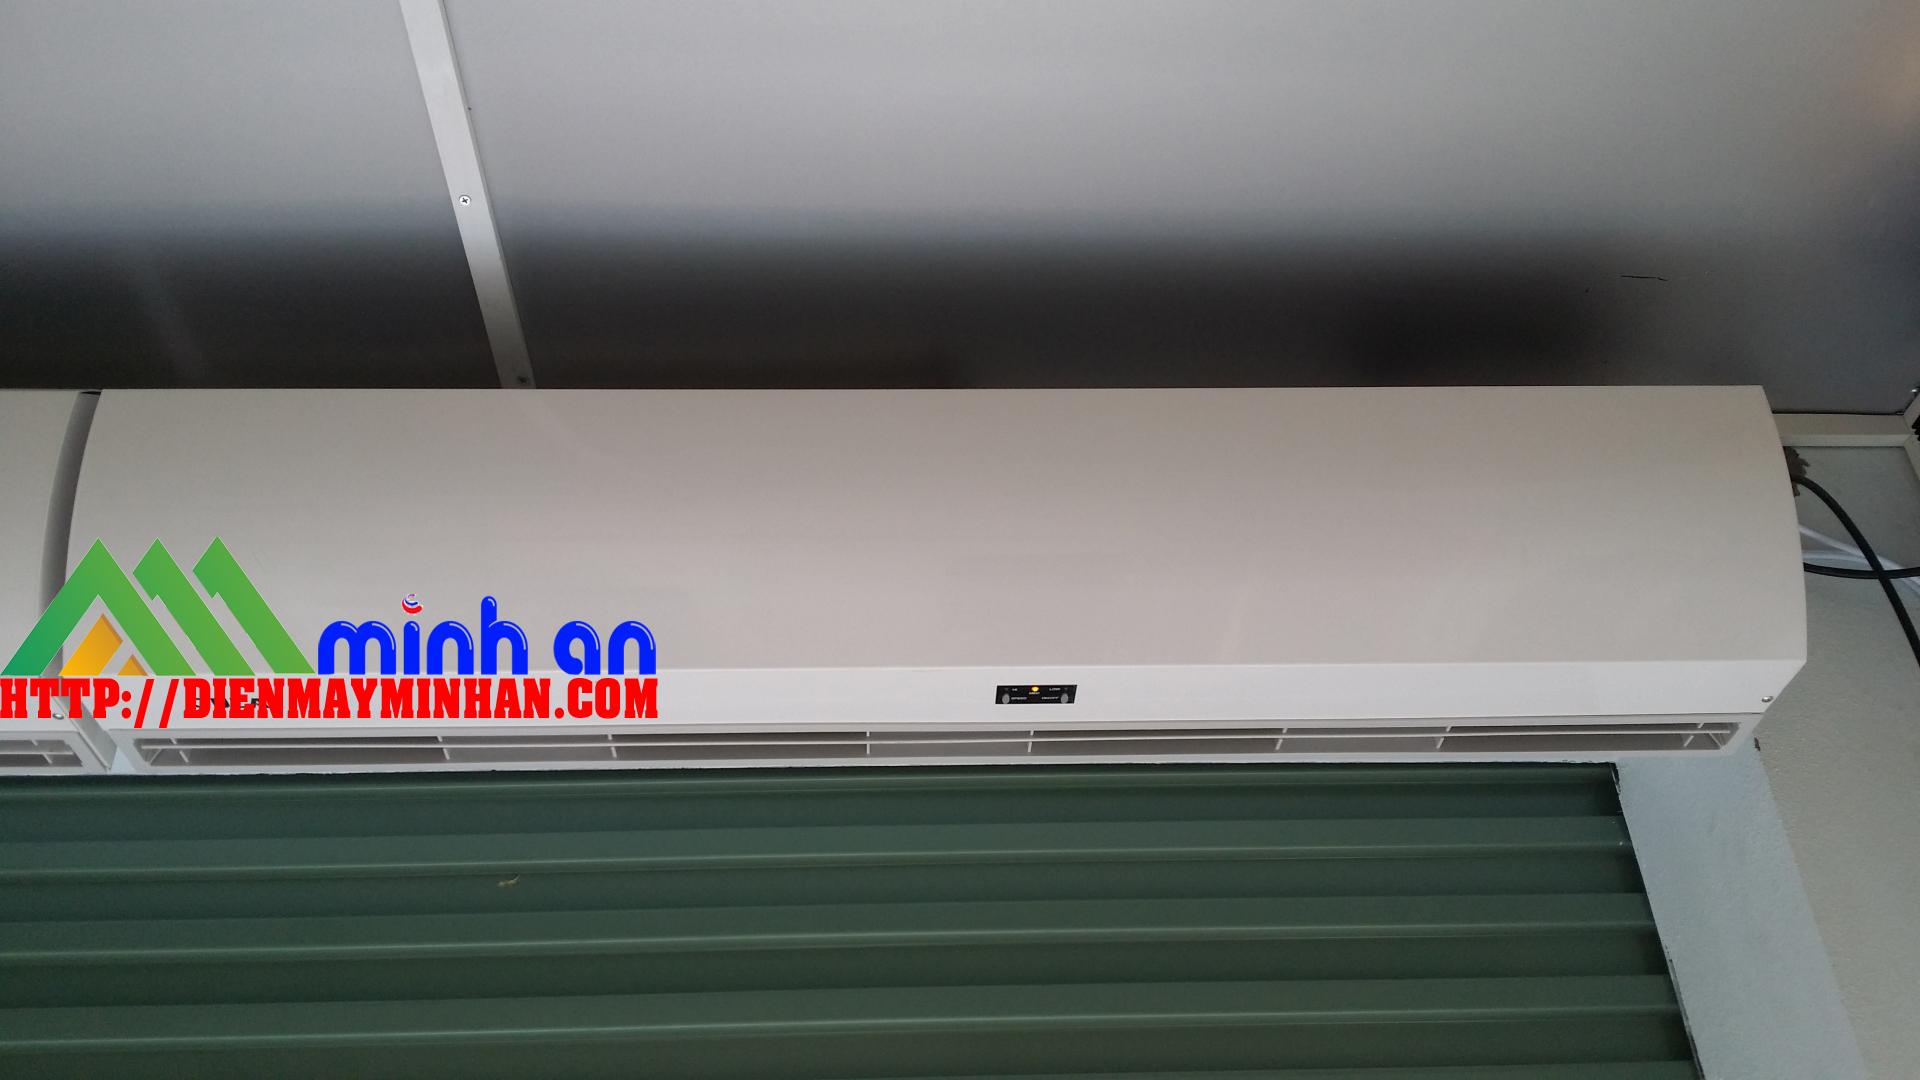 Bán quạt cắt gió 1.5m giá rẻ Hà Nội